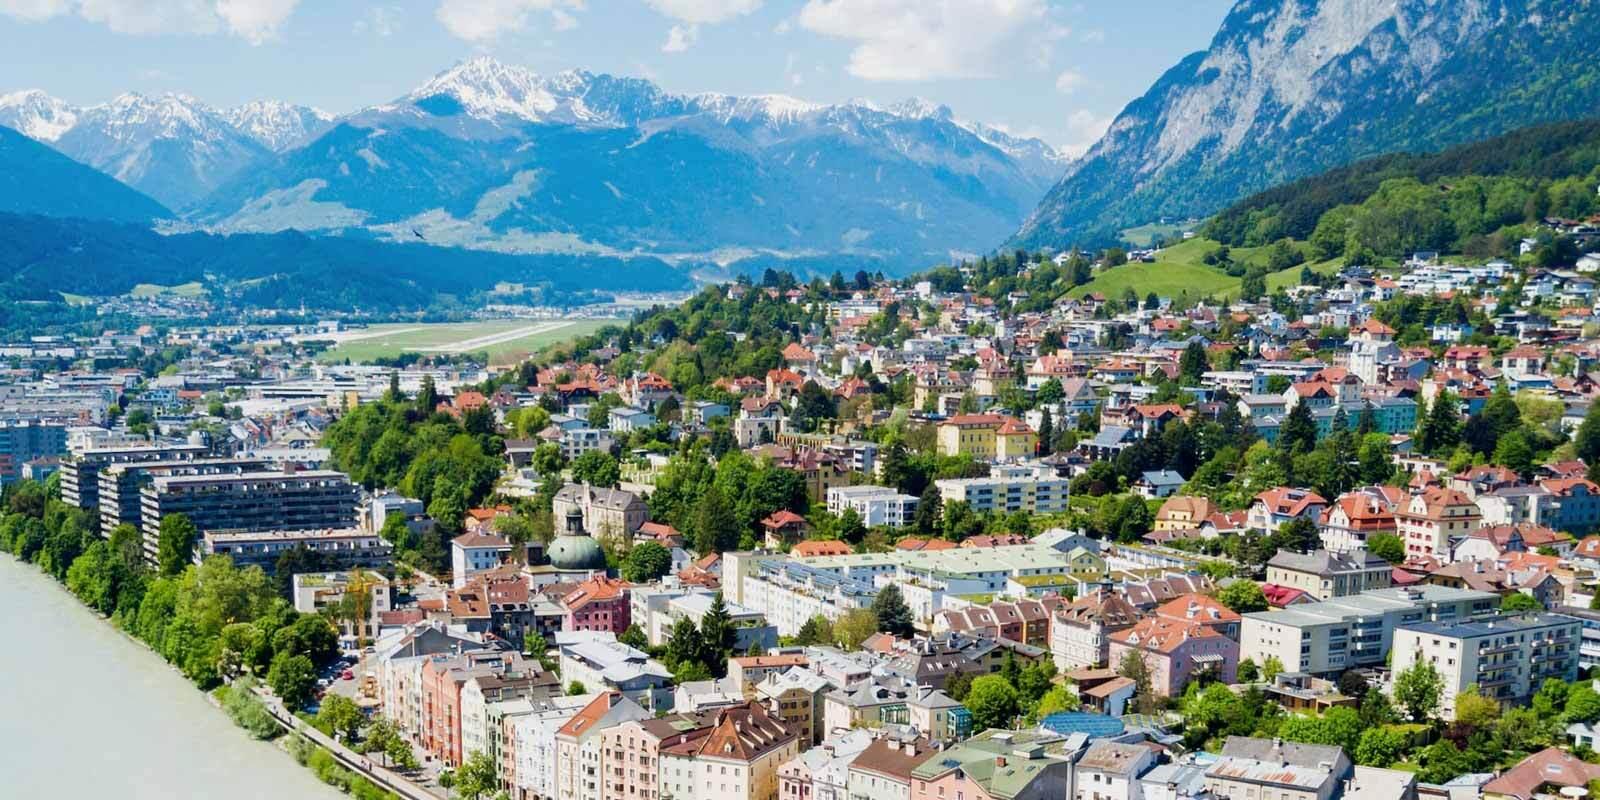 Orient Express to Innsbruck